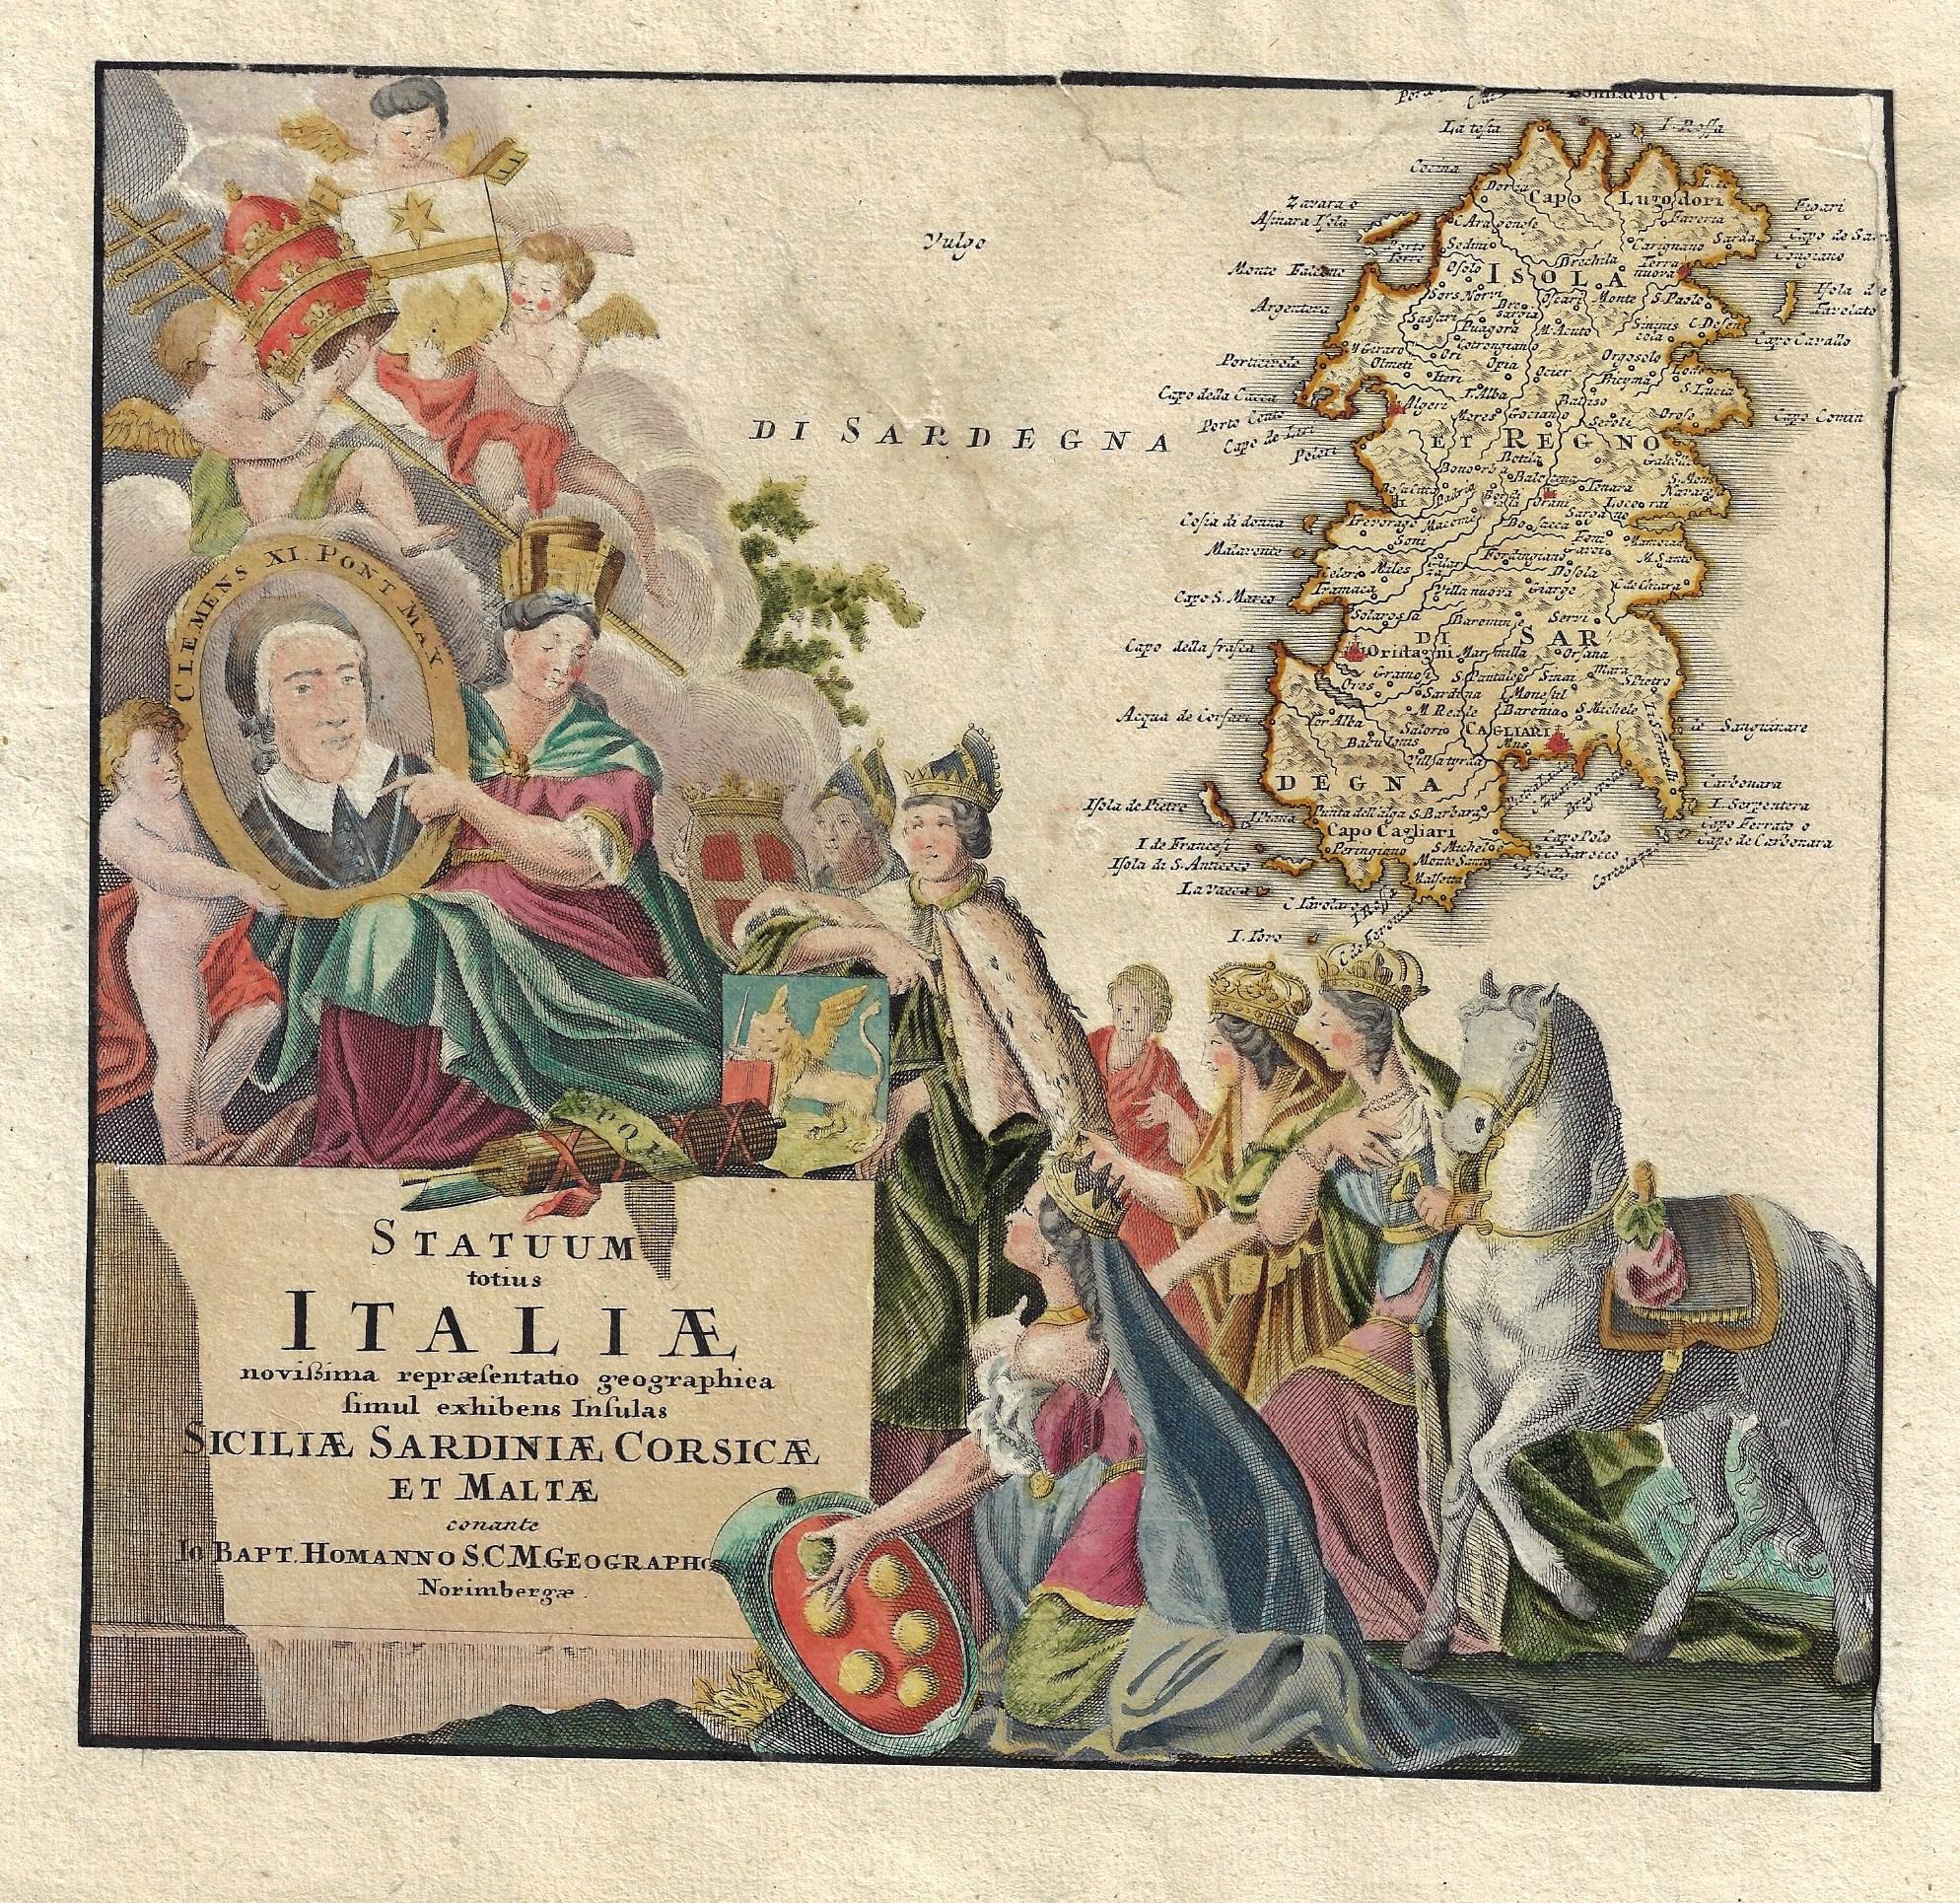 Homann Johann Babtiste Statuum totius Italiae novißima repraesentatio geographica simul exhibens Insulas Siciliae Sardiniae Corsicae et Maltae